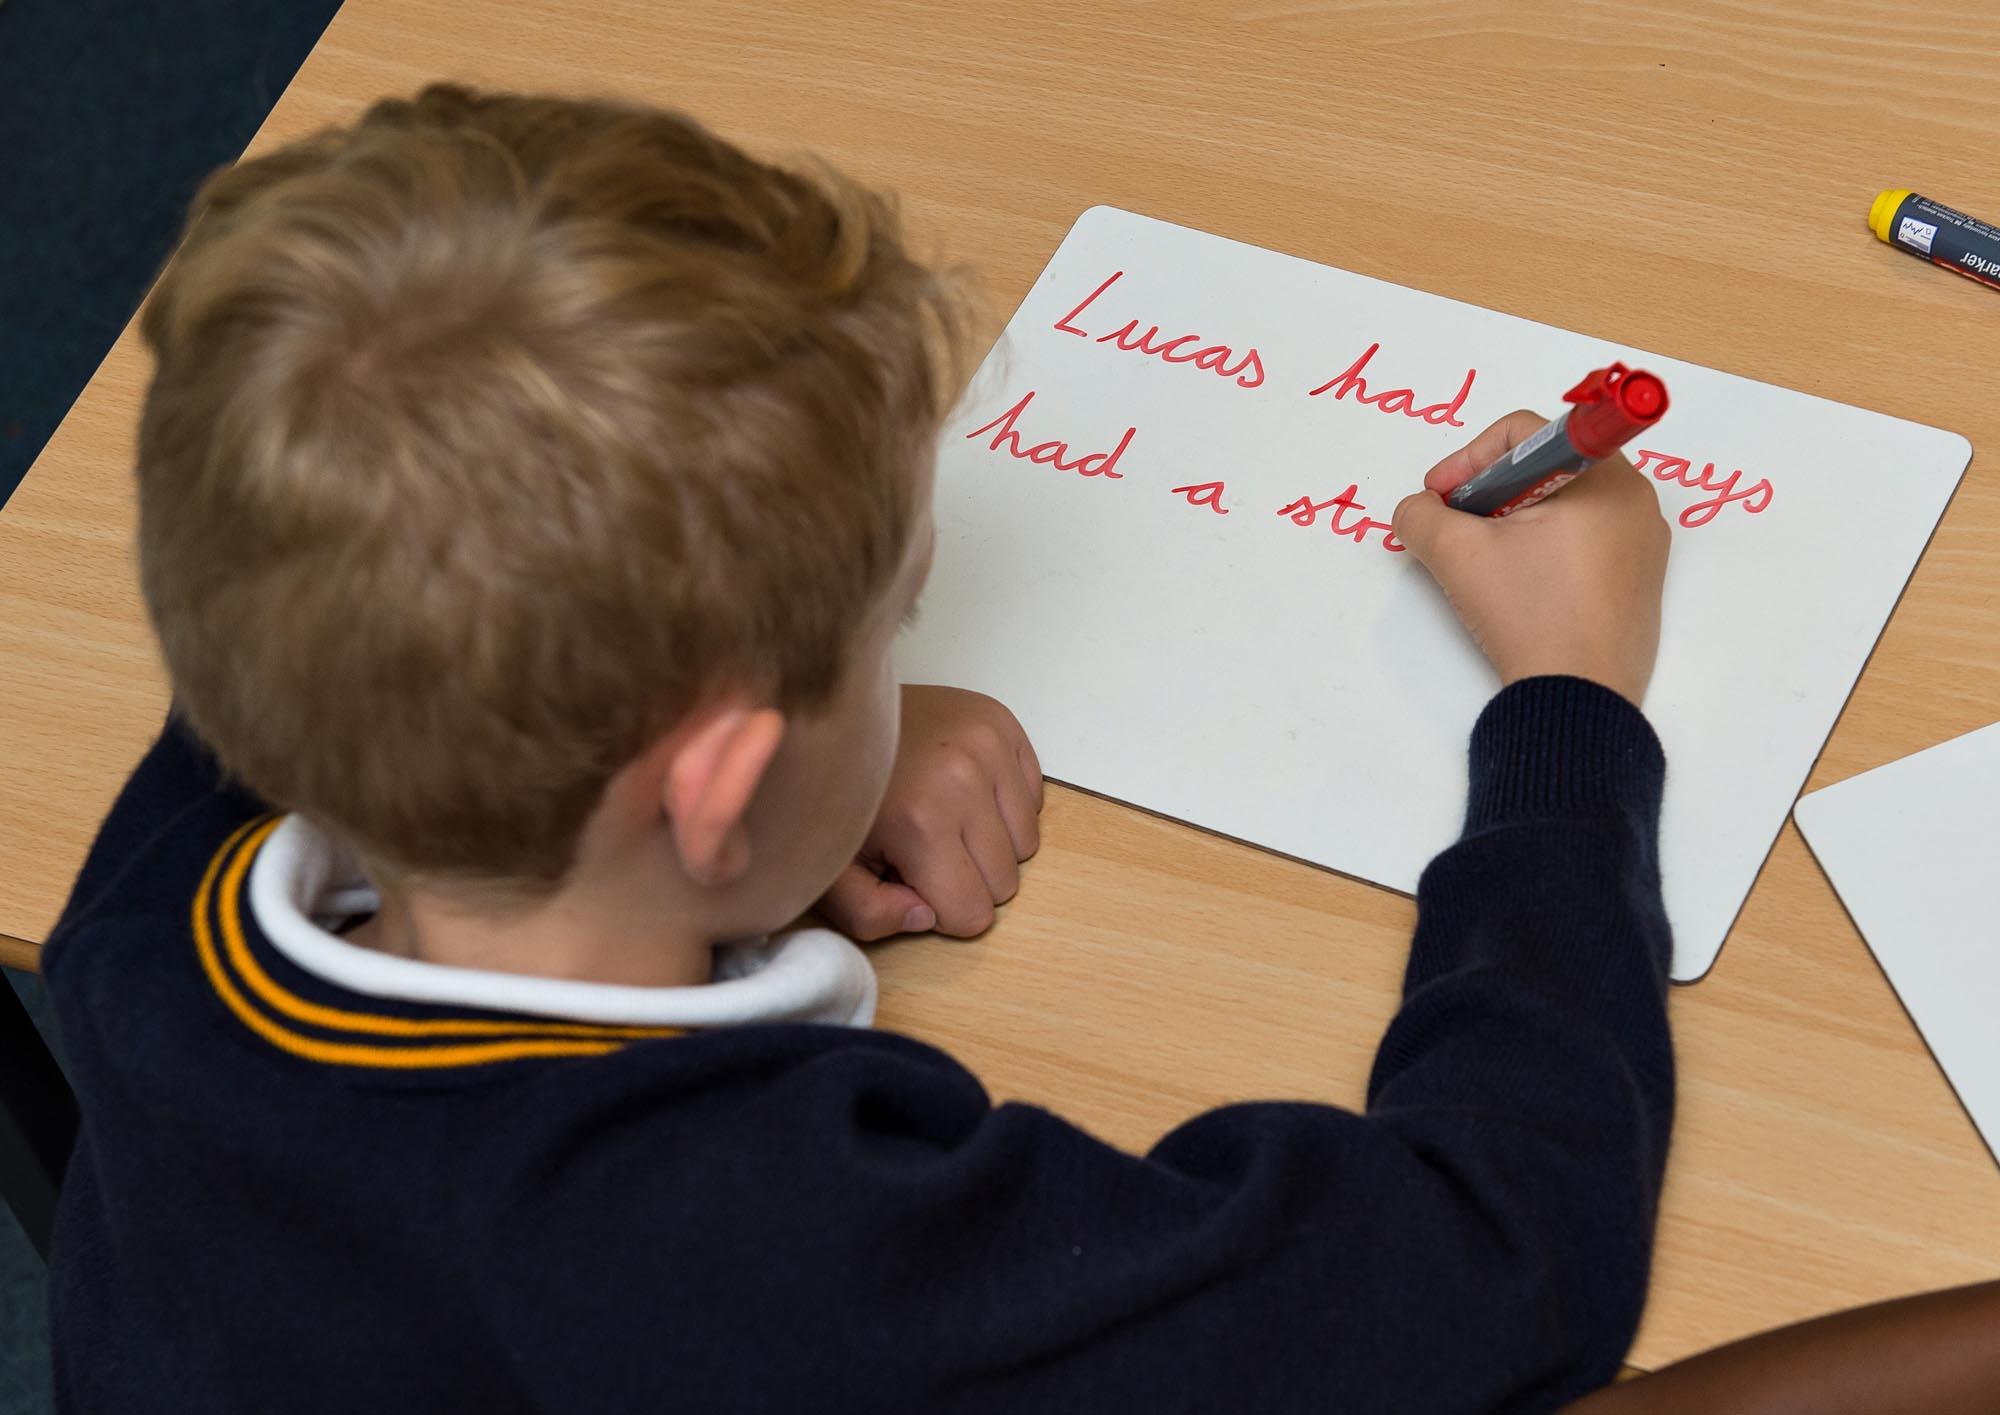 Boy writing on card